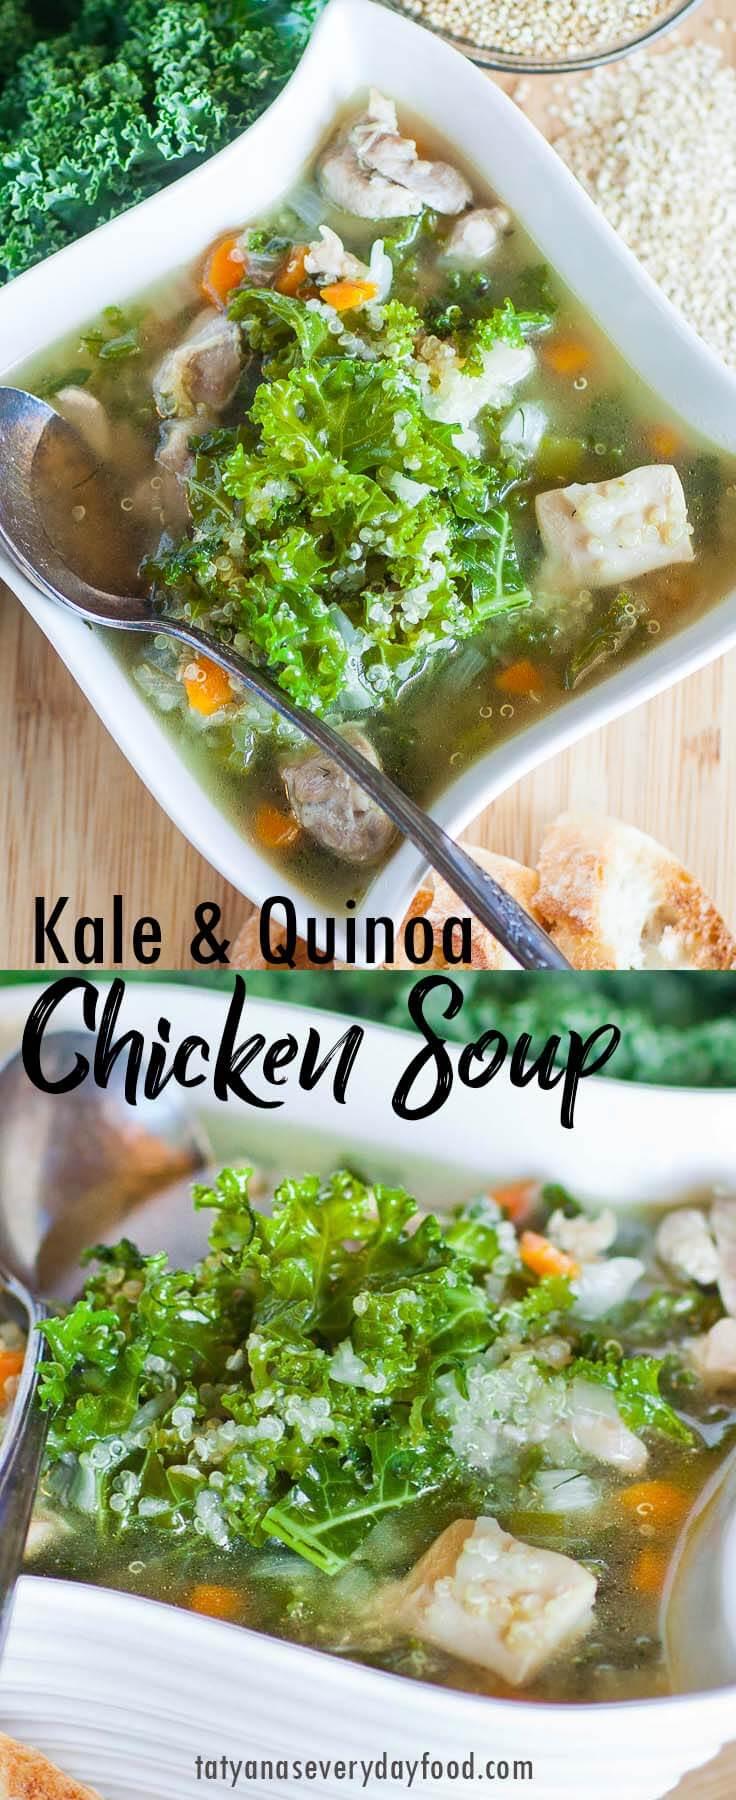 Kale Quinoa Chicken Soup video recipe